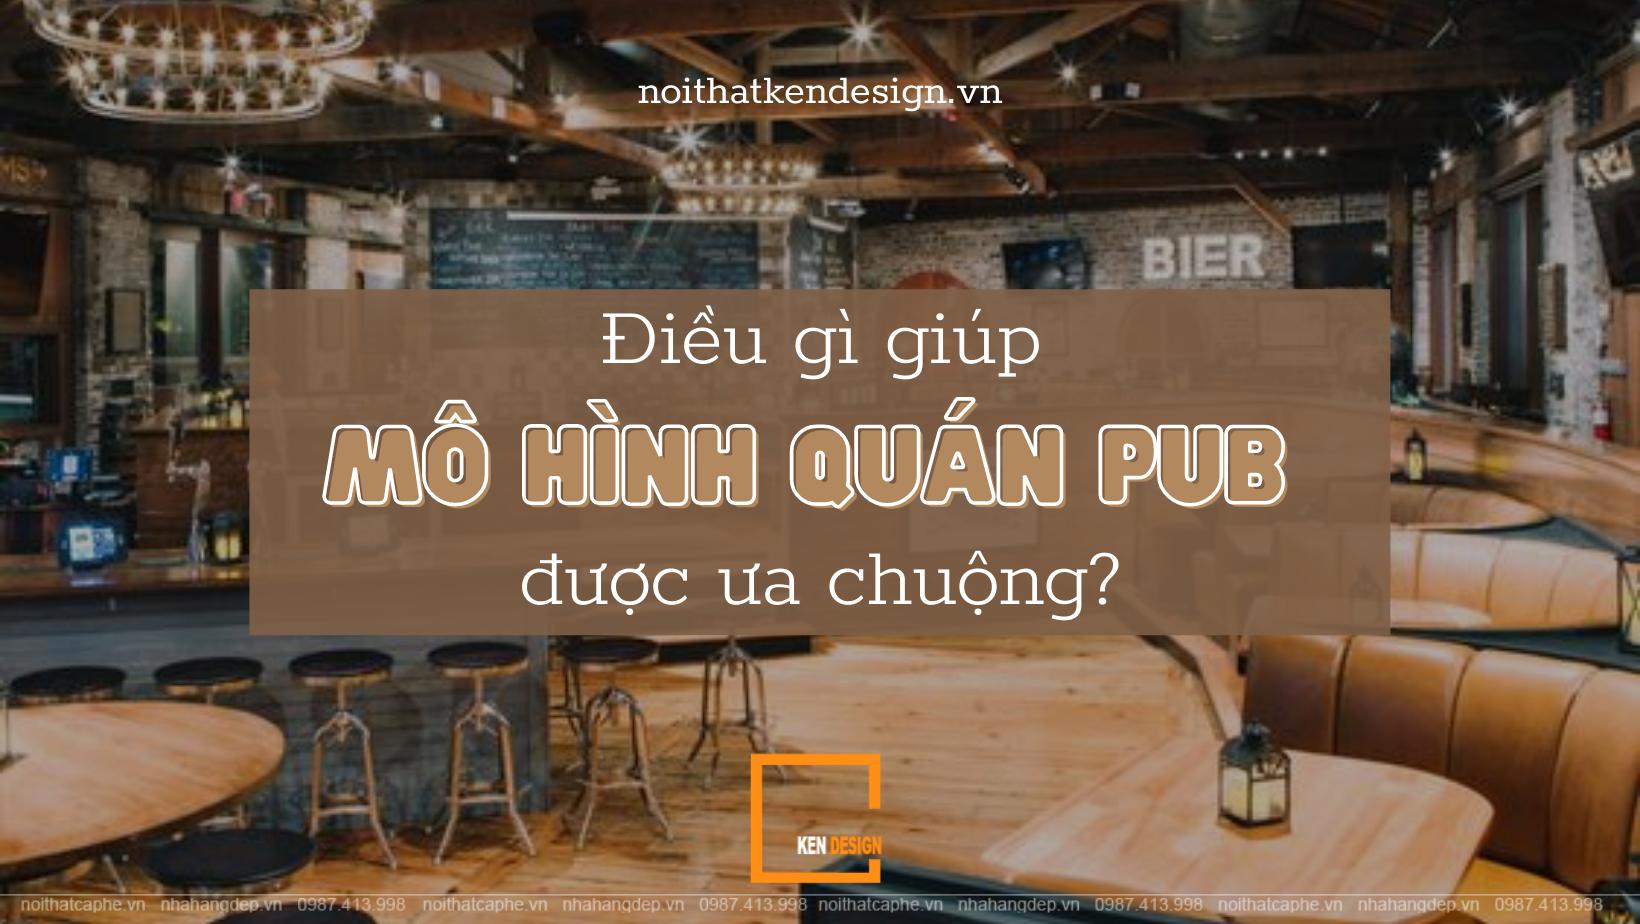 Điều gì giúp mô hình quán pub được ưa chuộng?